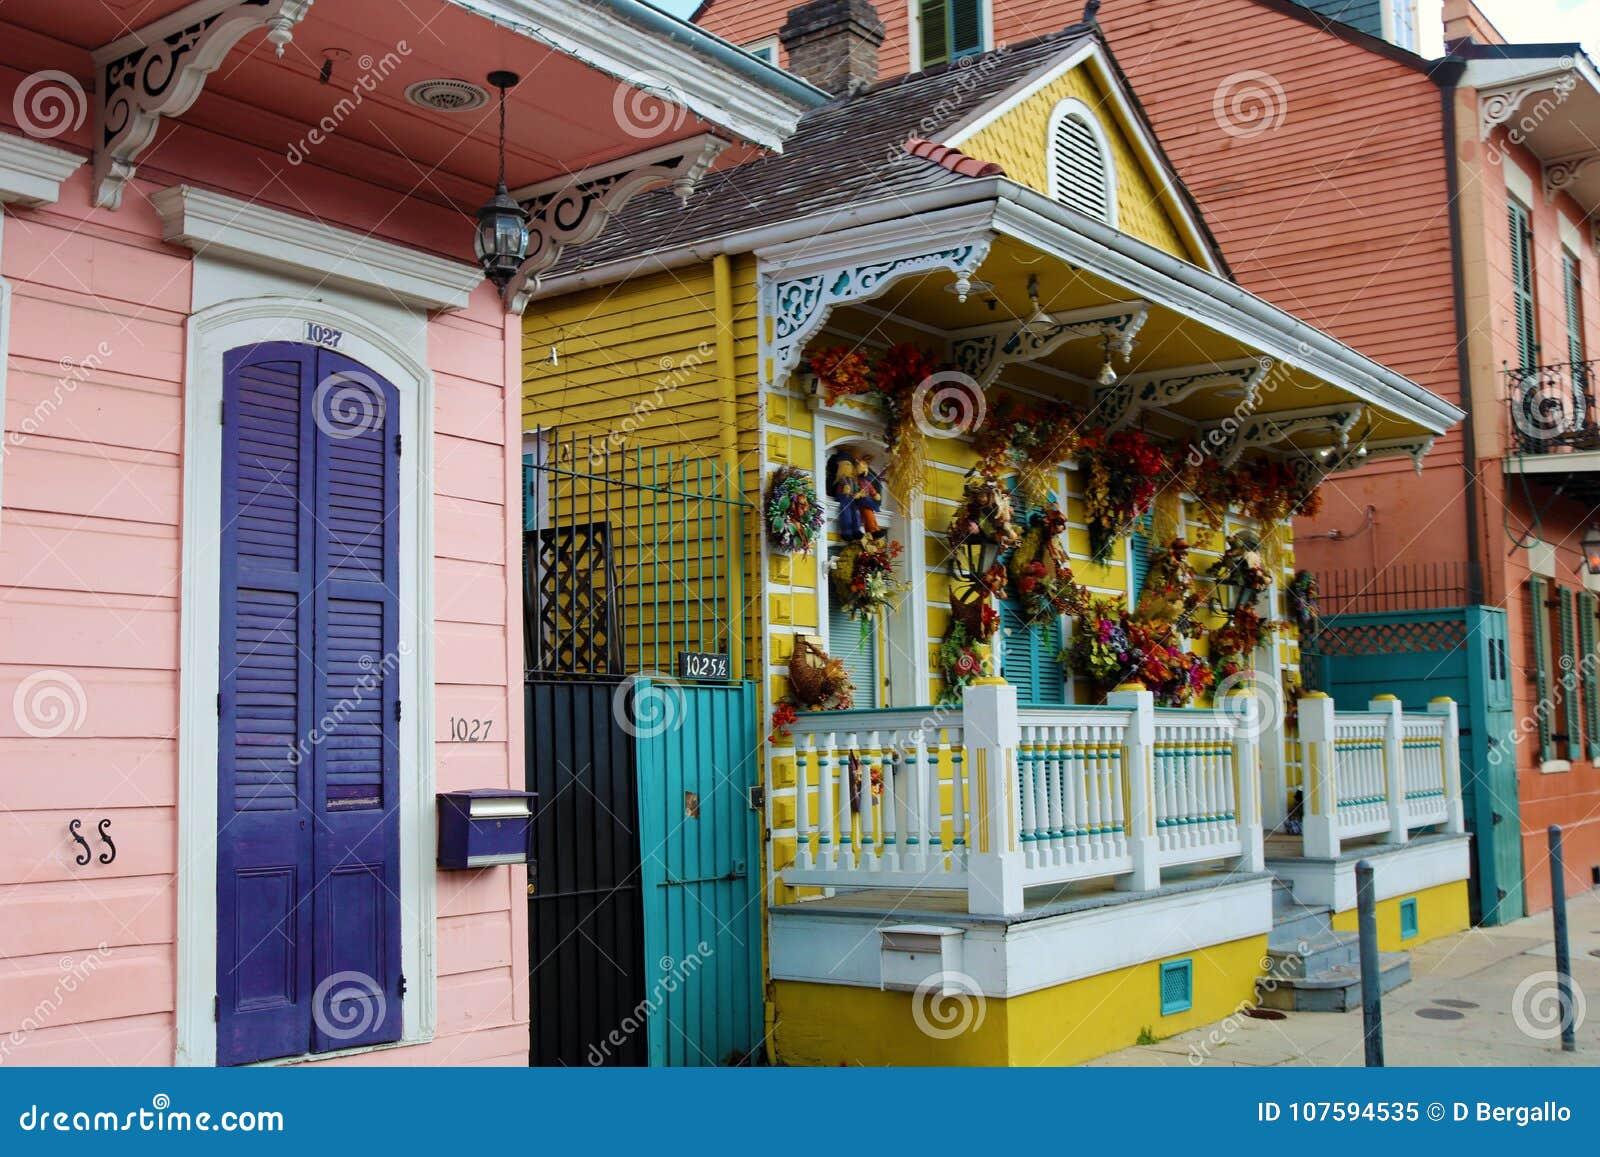 Архитектура красочного дома французского квартала Нового Орлеана классическая уникально